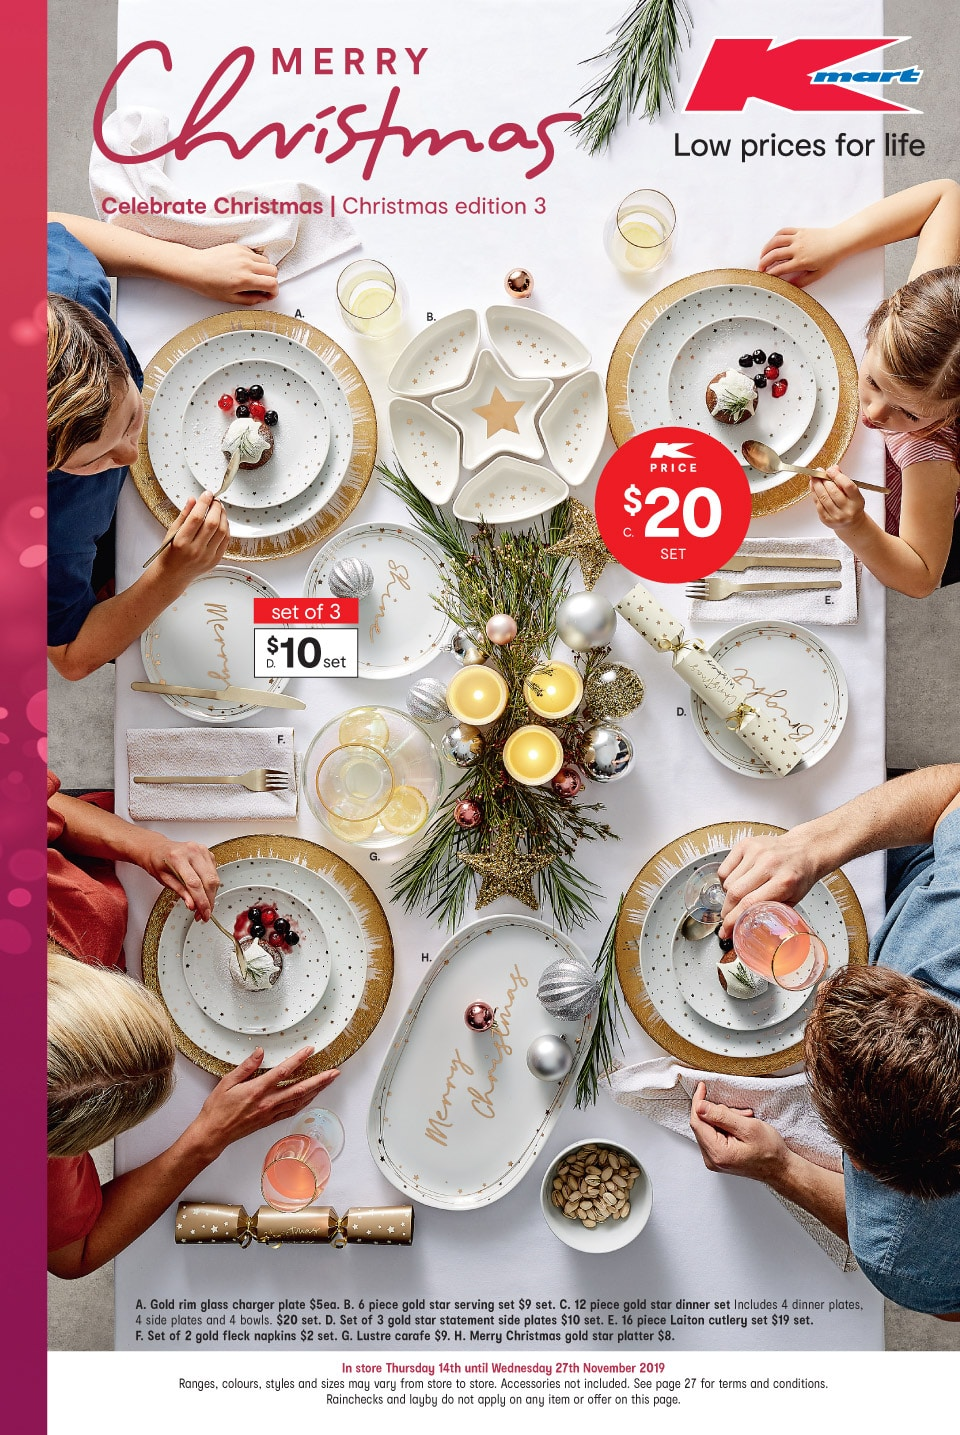 Kmart Catalogue 14 November - 27 November 2019. Christmas Edition 3